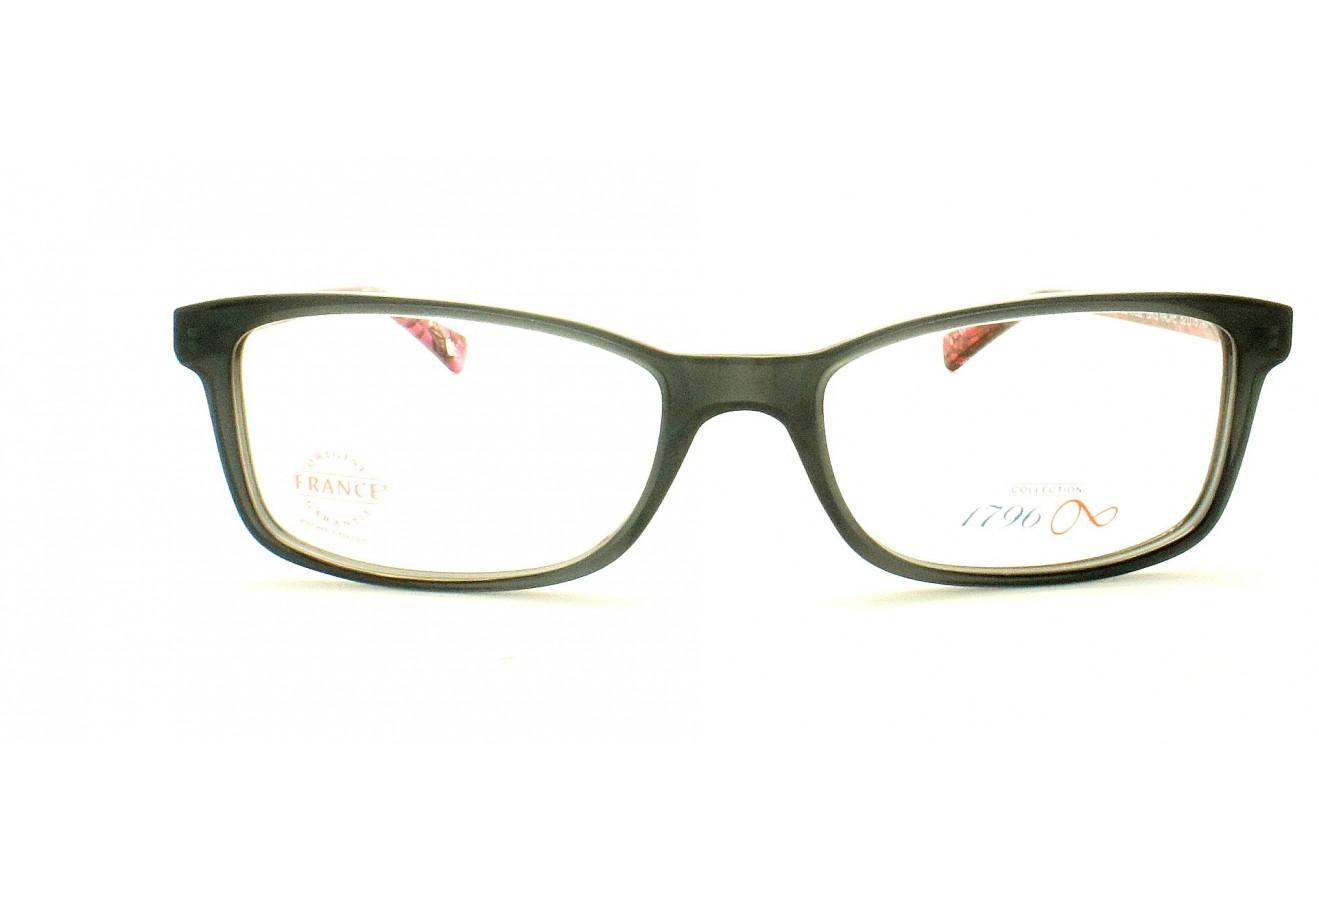 lunettes de vue 1796 cbfa1802 gris nacre 52 16. Black Bedroom Furniture Sets. Home Design Ideas